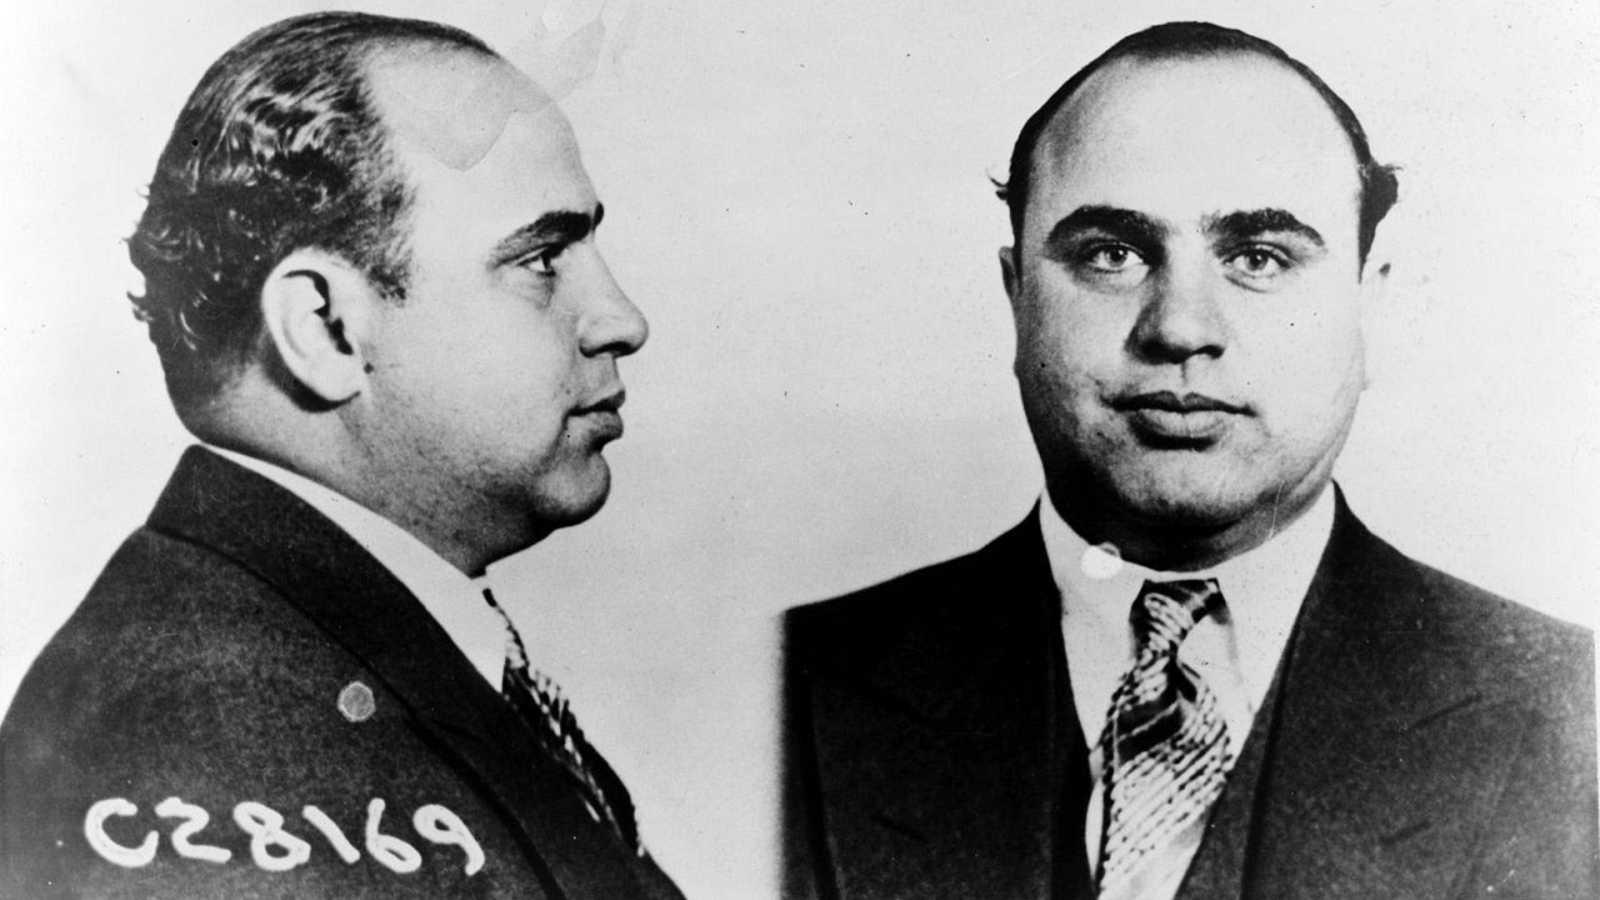 El temido mafioso Al Capone en 1931.